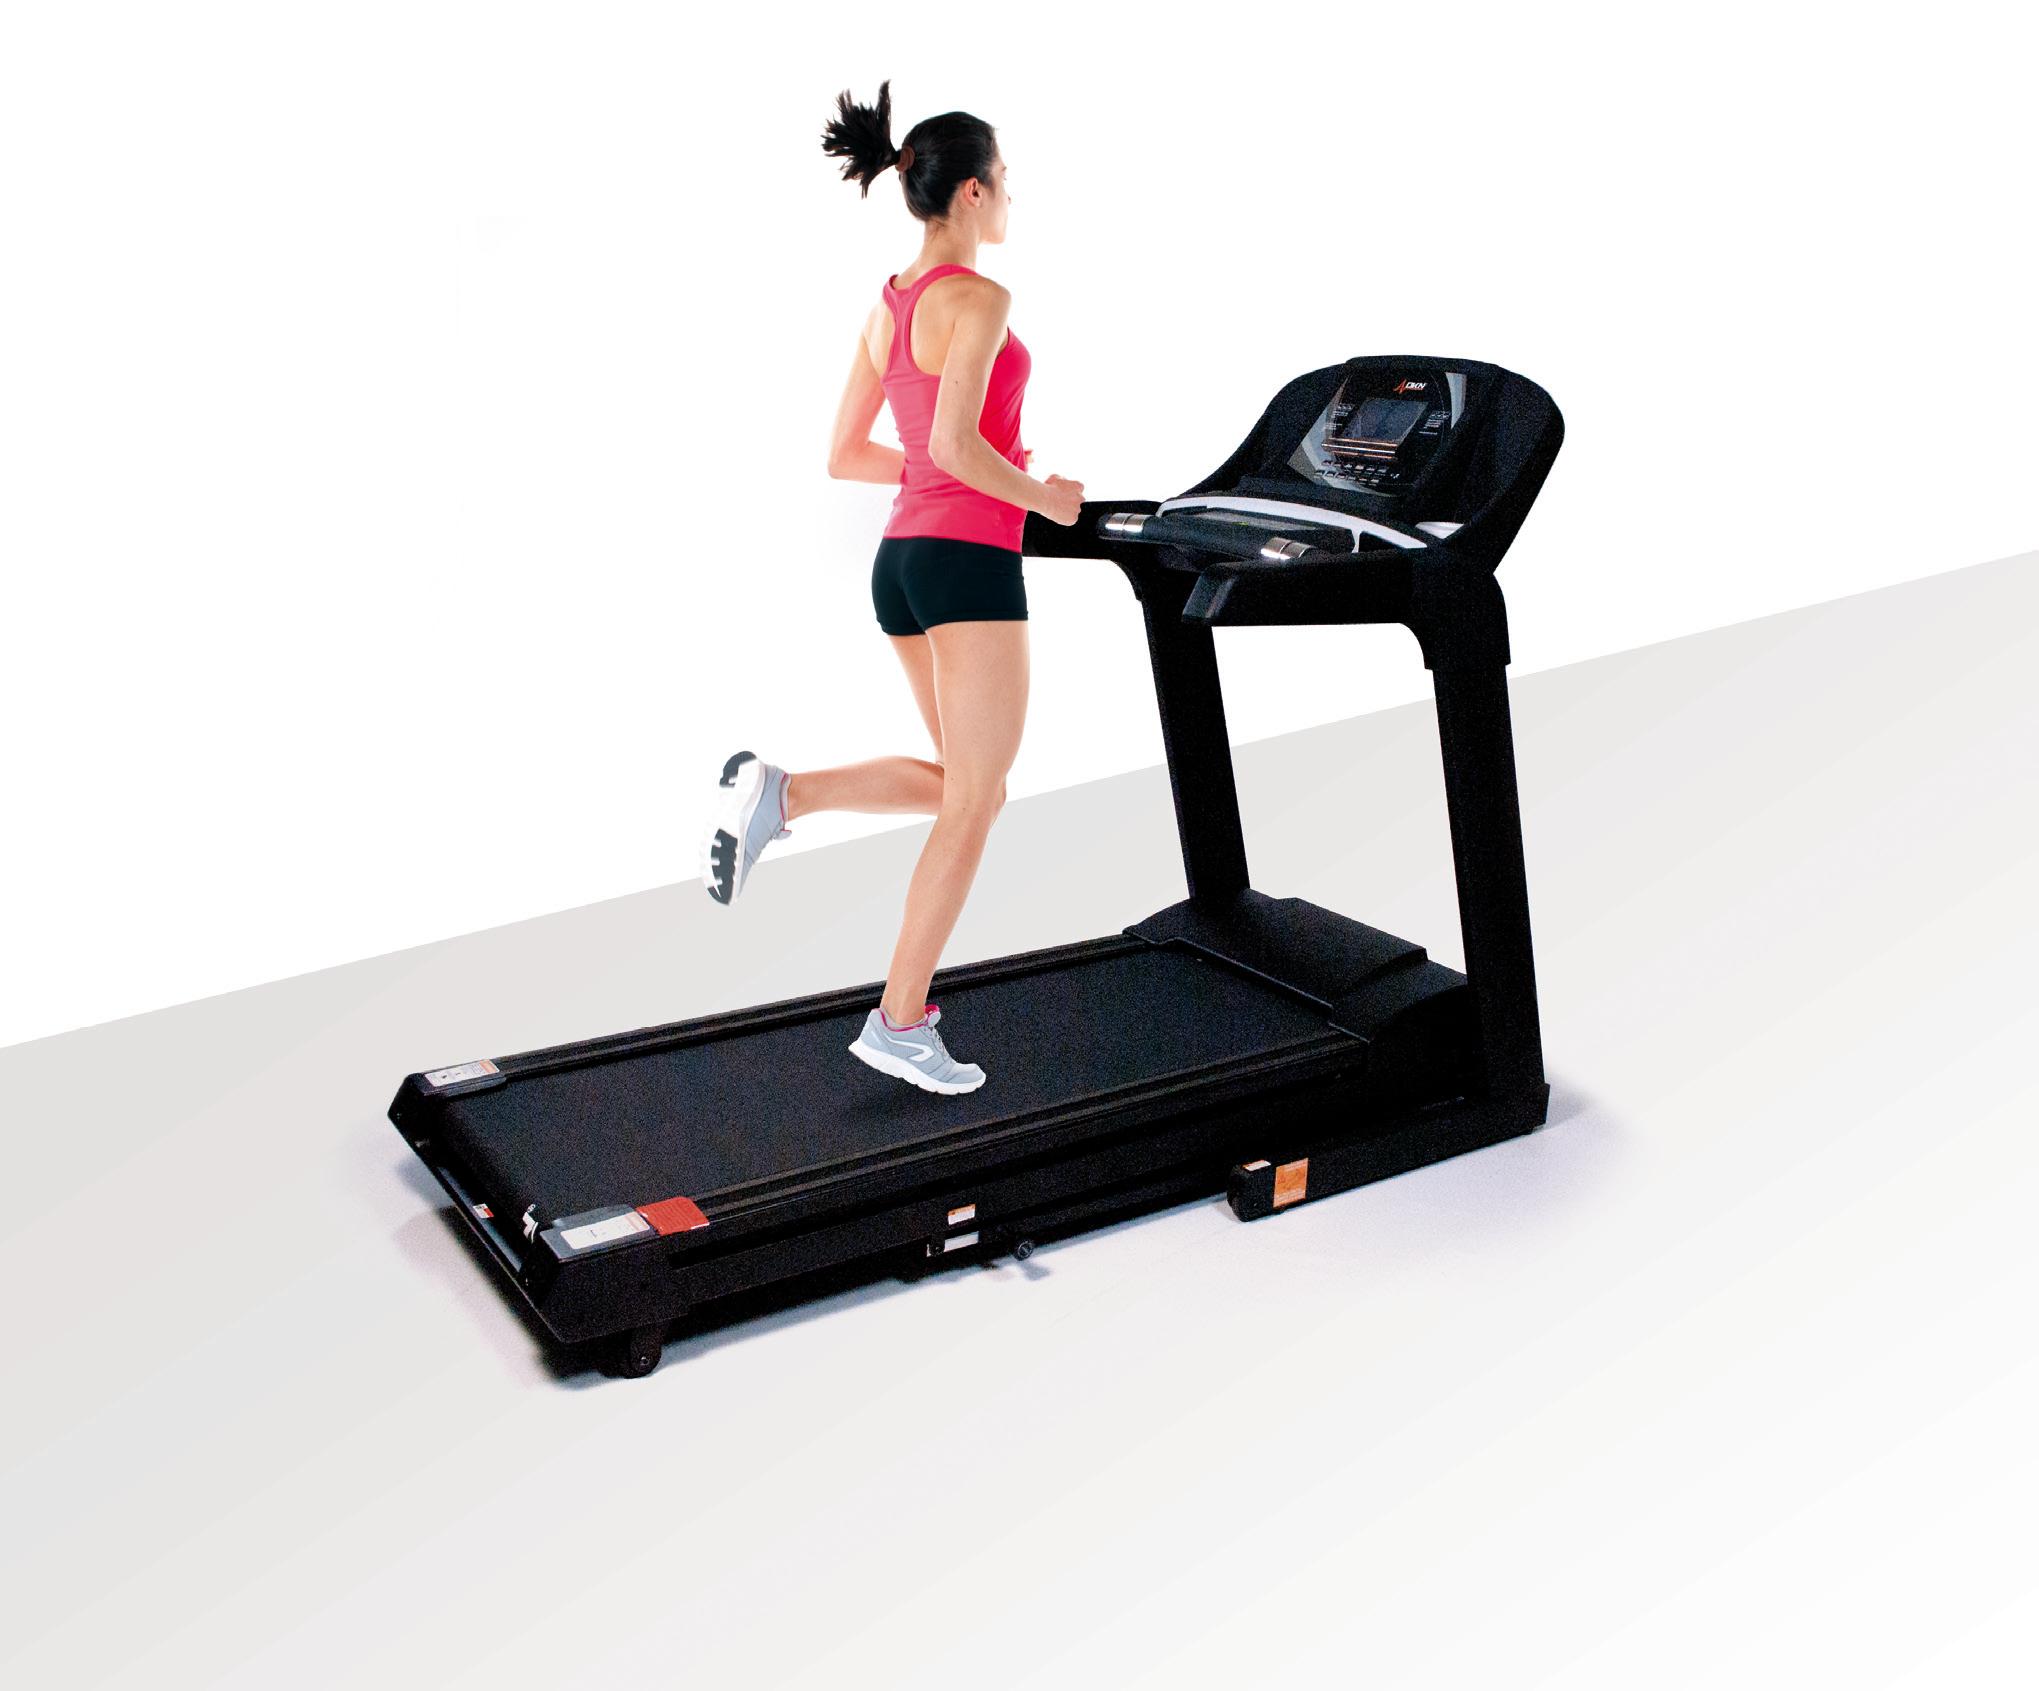 跑步机的品牌_RUNTIME足底压力测试跑步机-生物力学产品-广州维度健康科技发展 ...